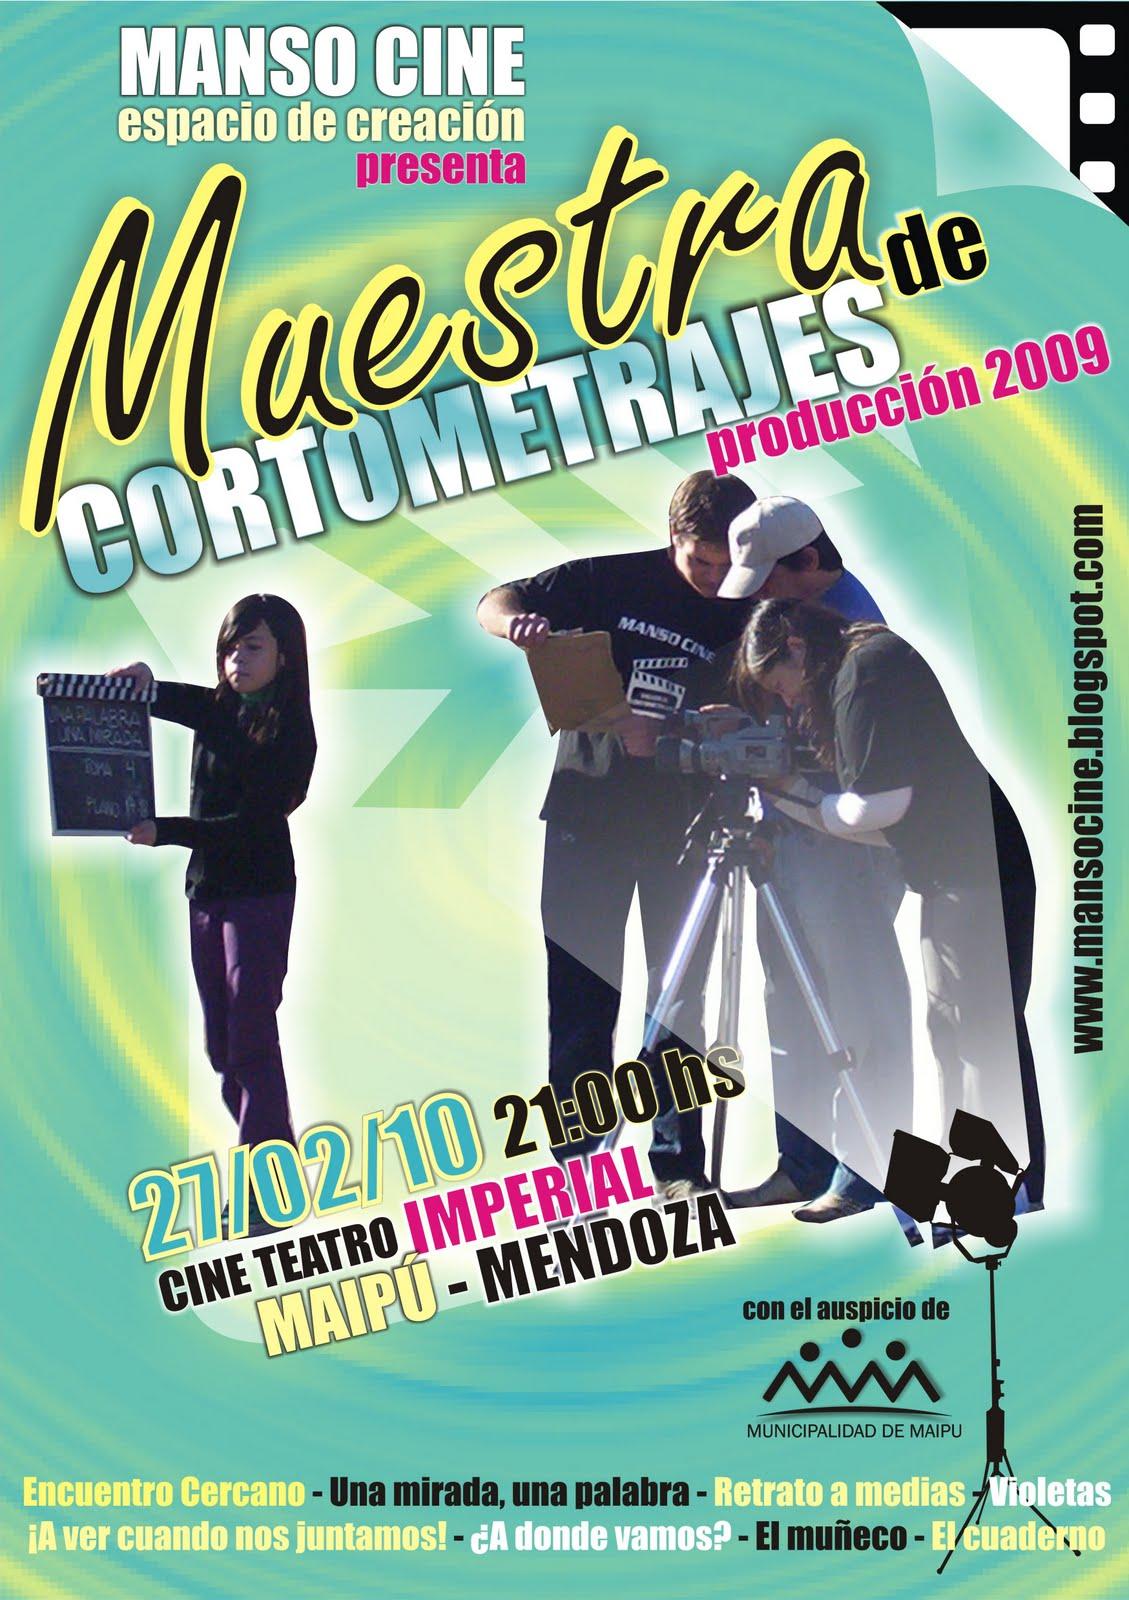 MANSO CINE MUESTRA